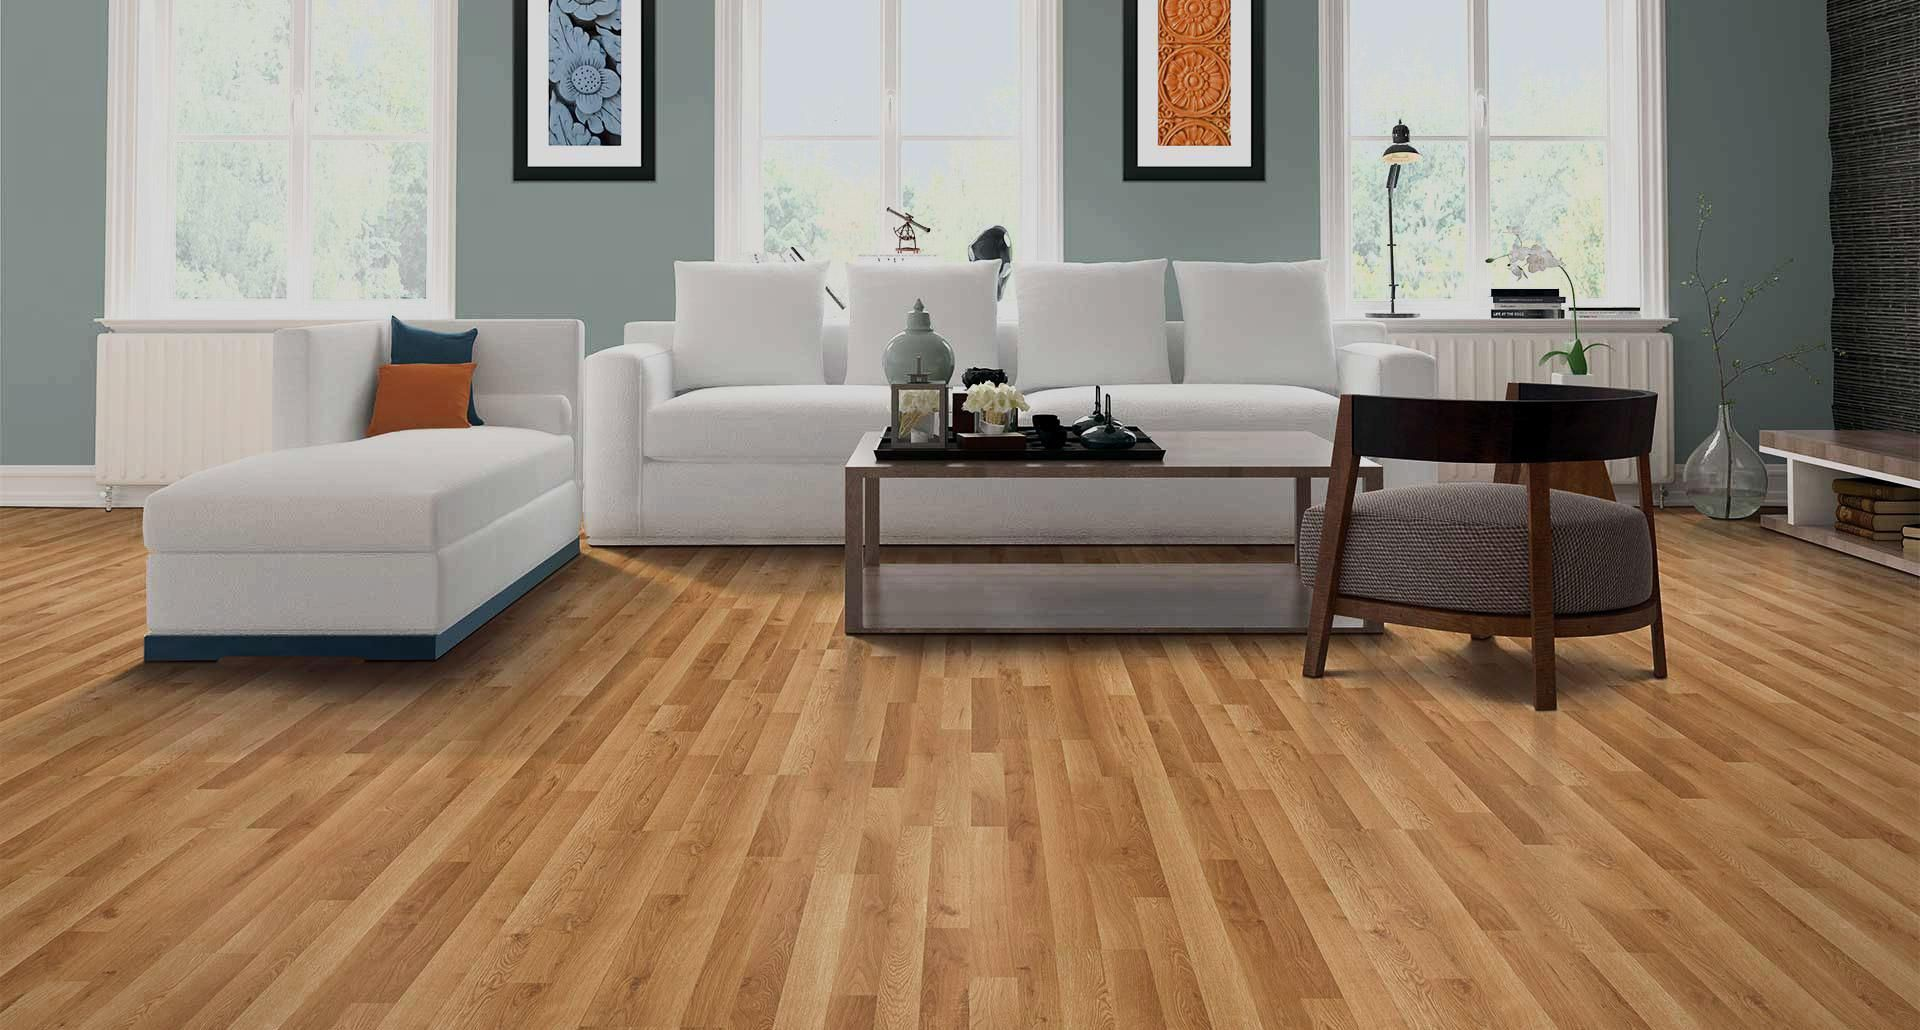 Light Wooden Vinyl Flooring Plank Living Room Decor Inspiration Greige Living Room Living Room Sets